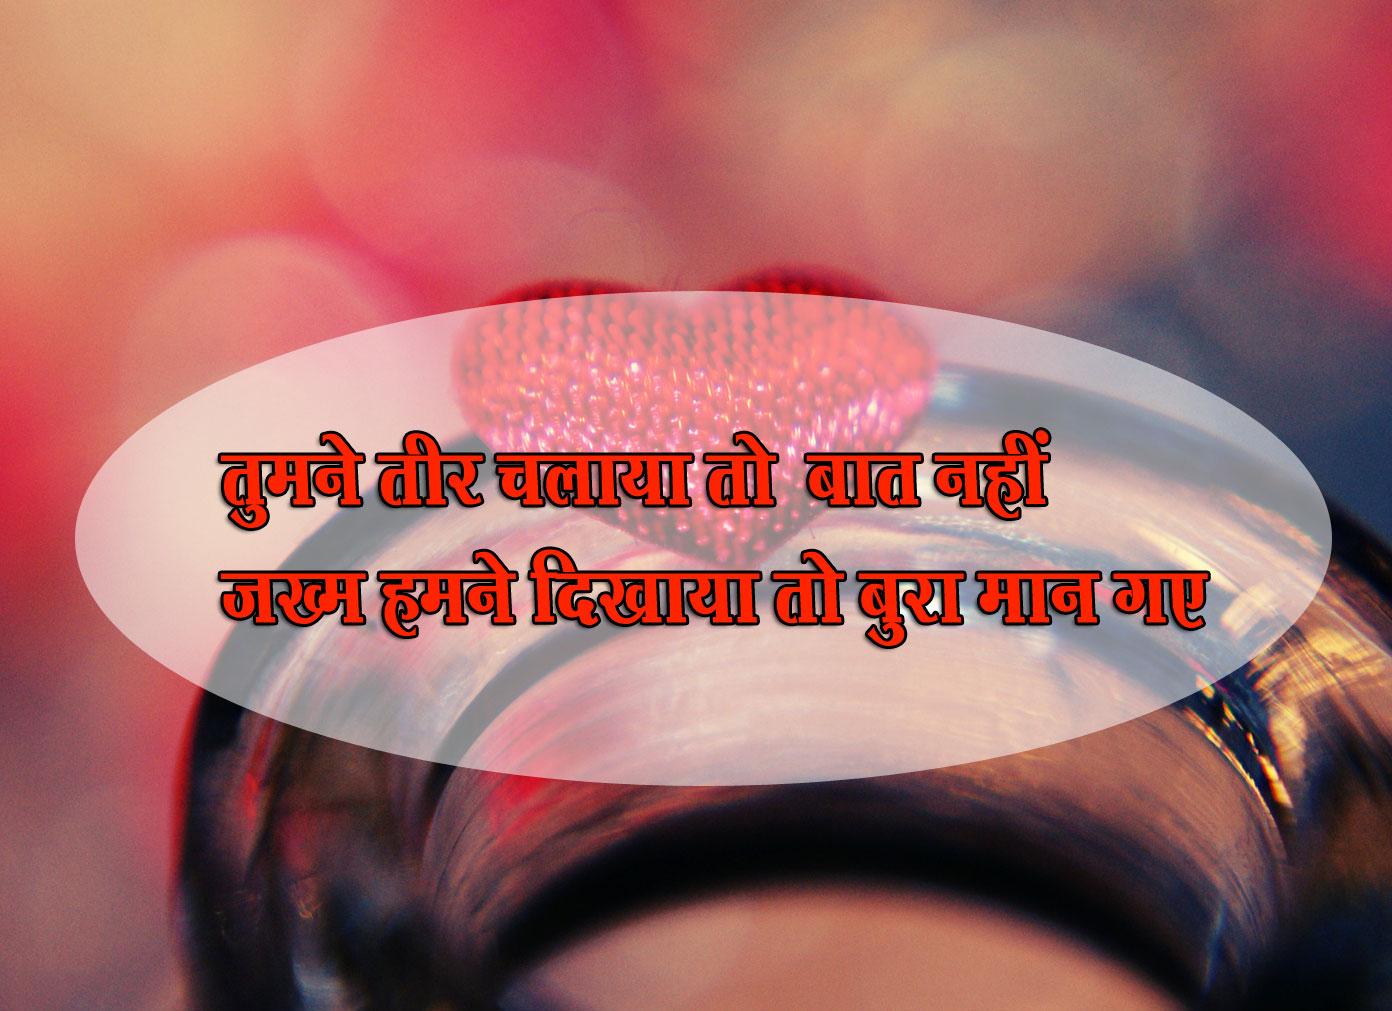 Shayari Images 12